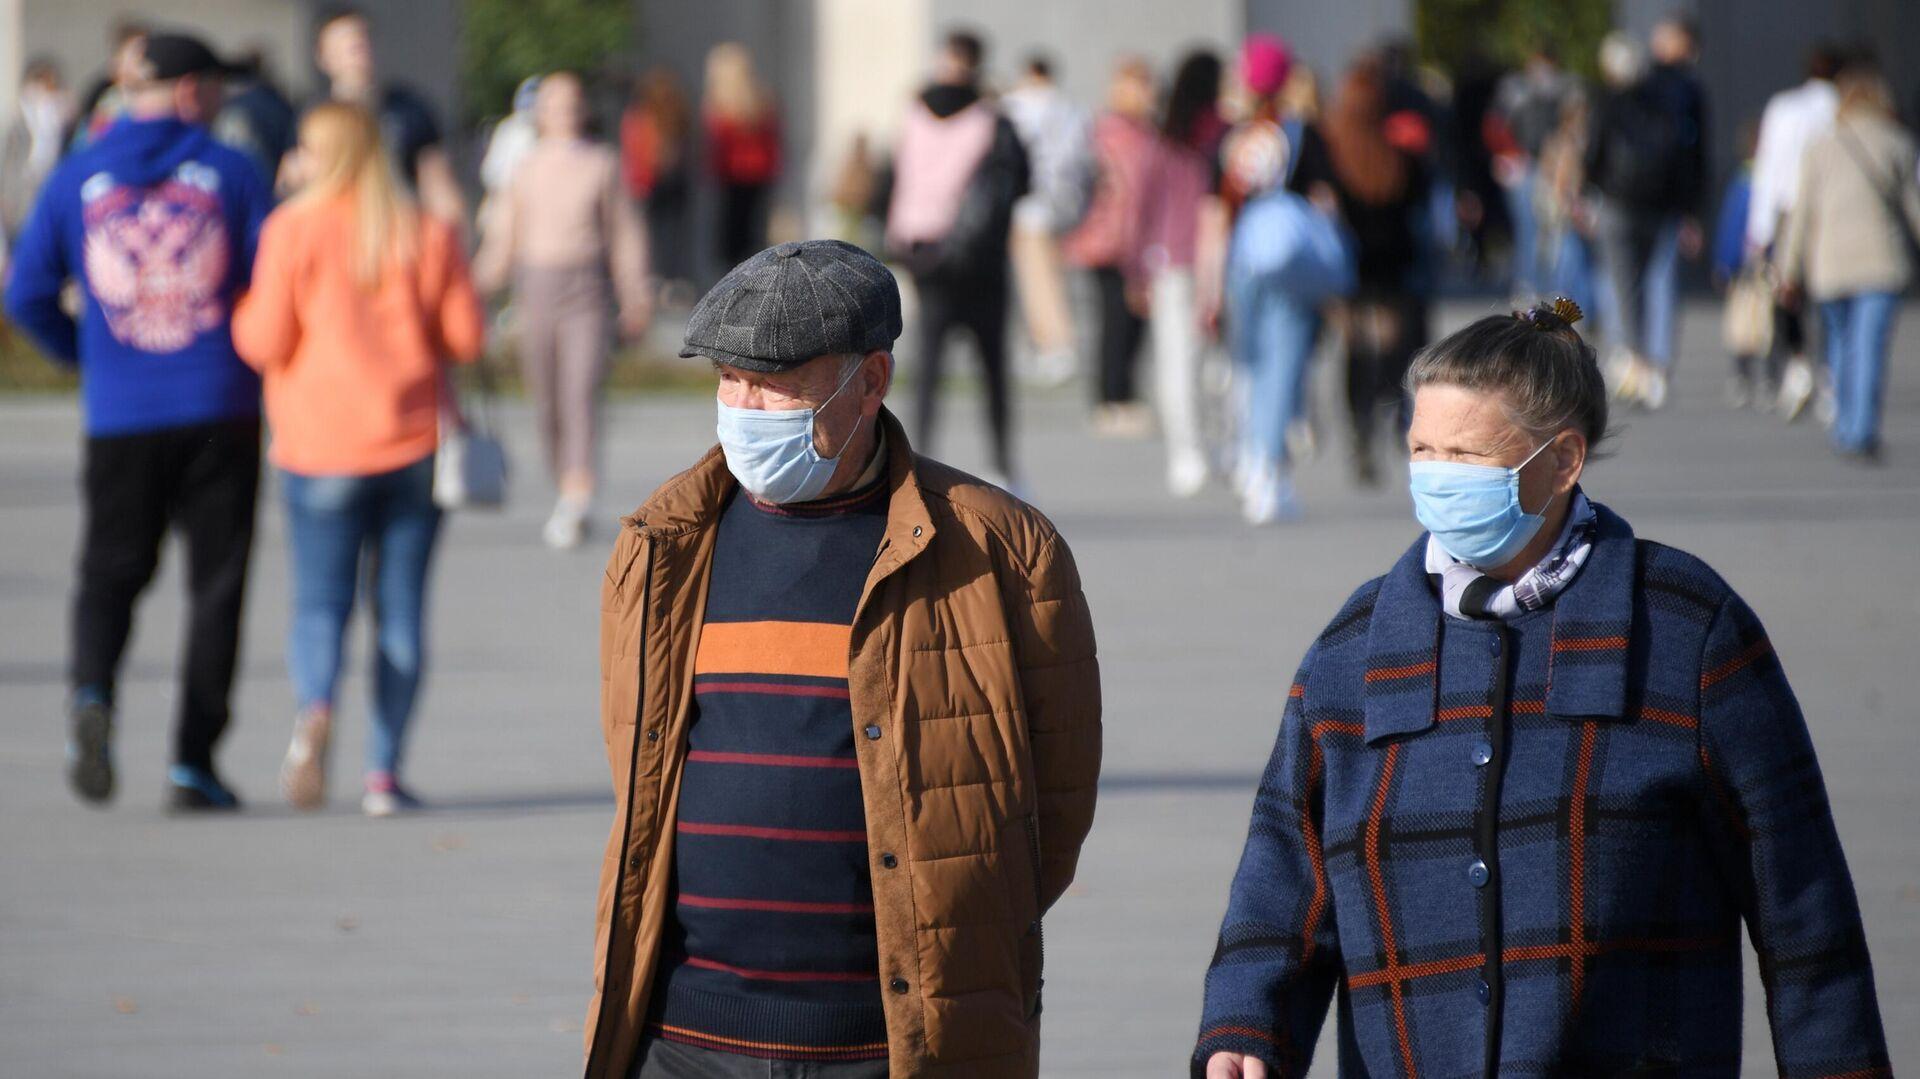 Люди в медицинских масках на территории парка ВДНХ в Москве - РИА Новости, 1920, 05.10.2020